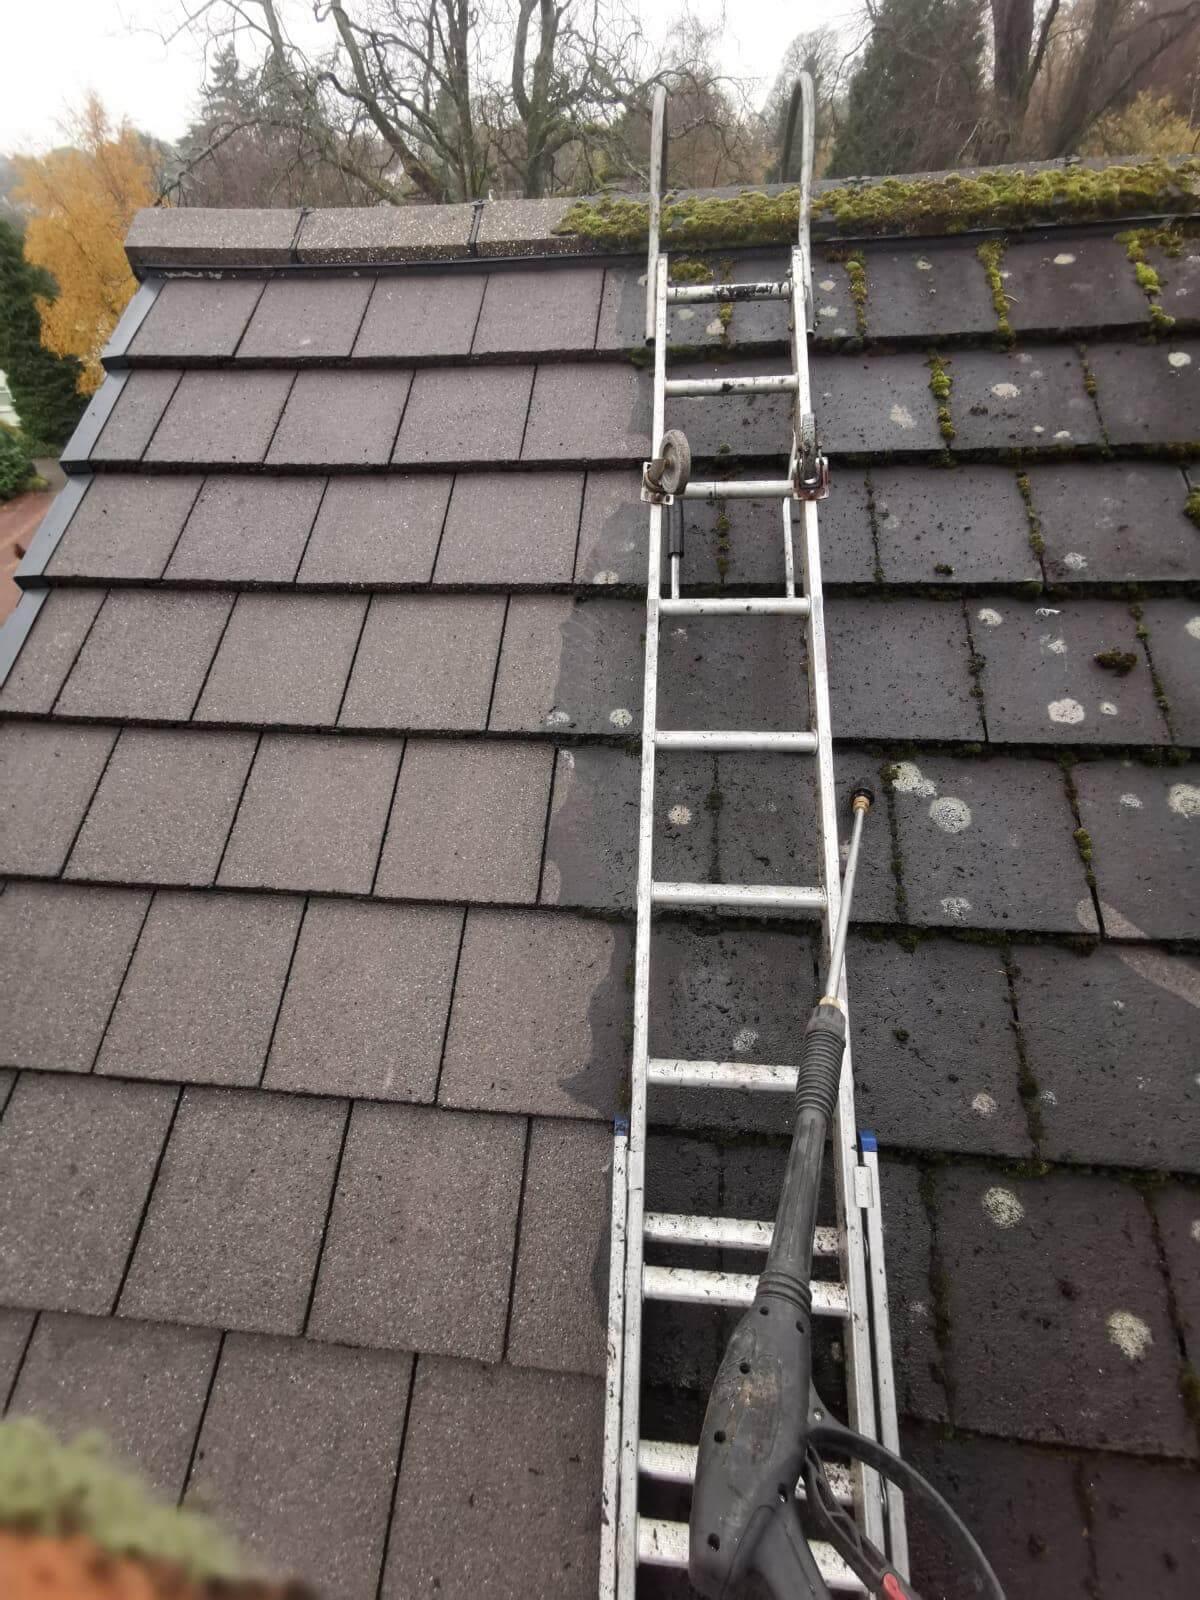 Glasgow, ledder on a roof